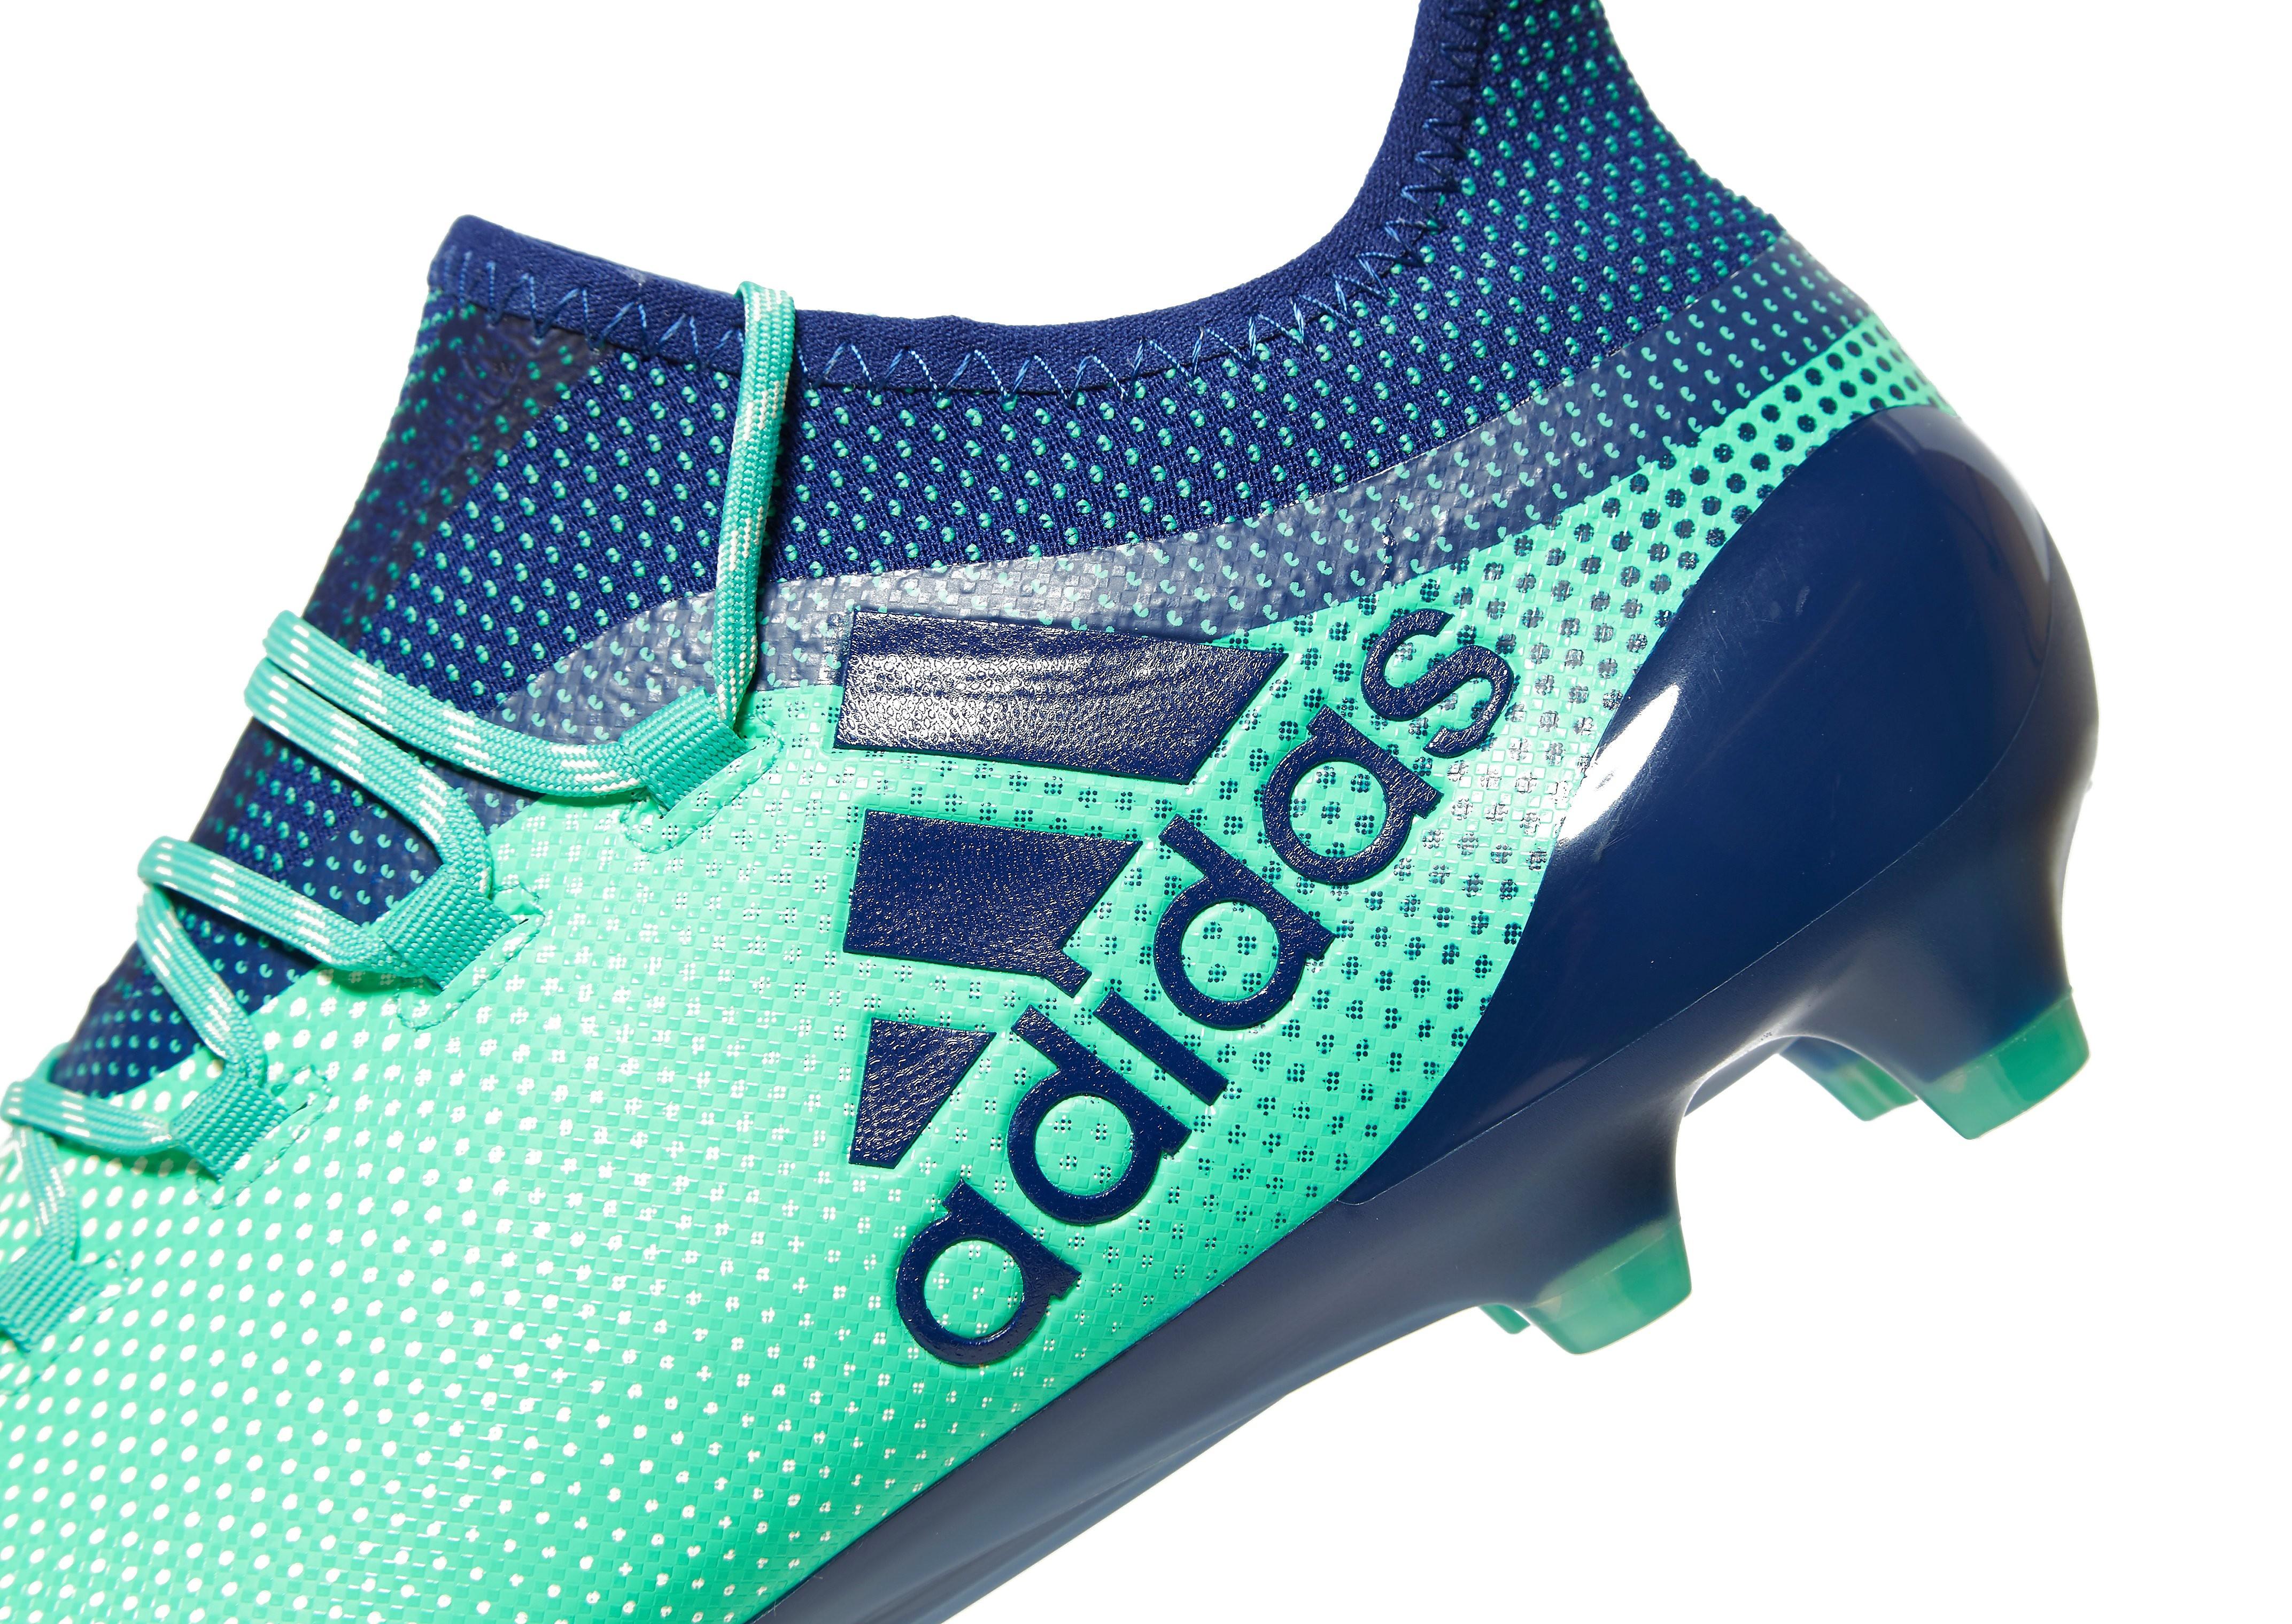 adidas Deadly Strike X 17.1 FG